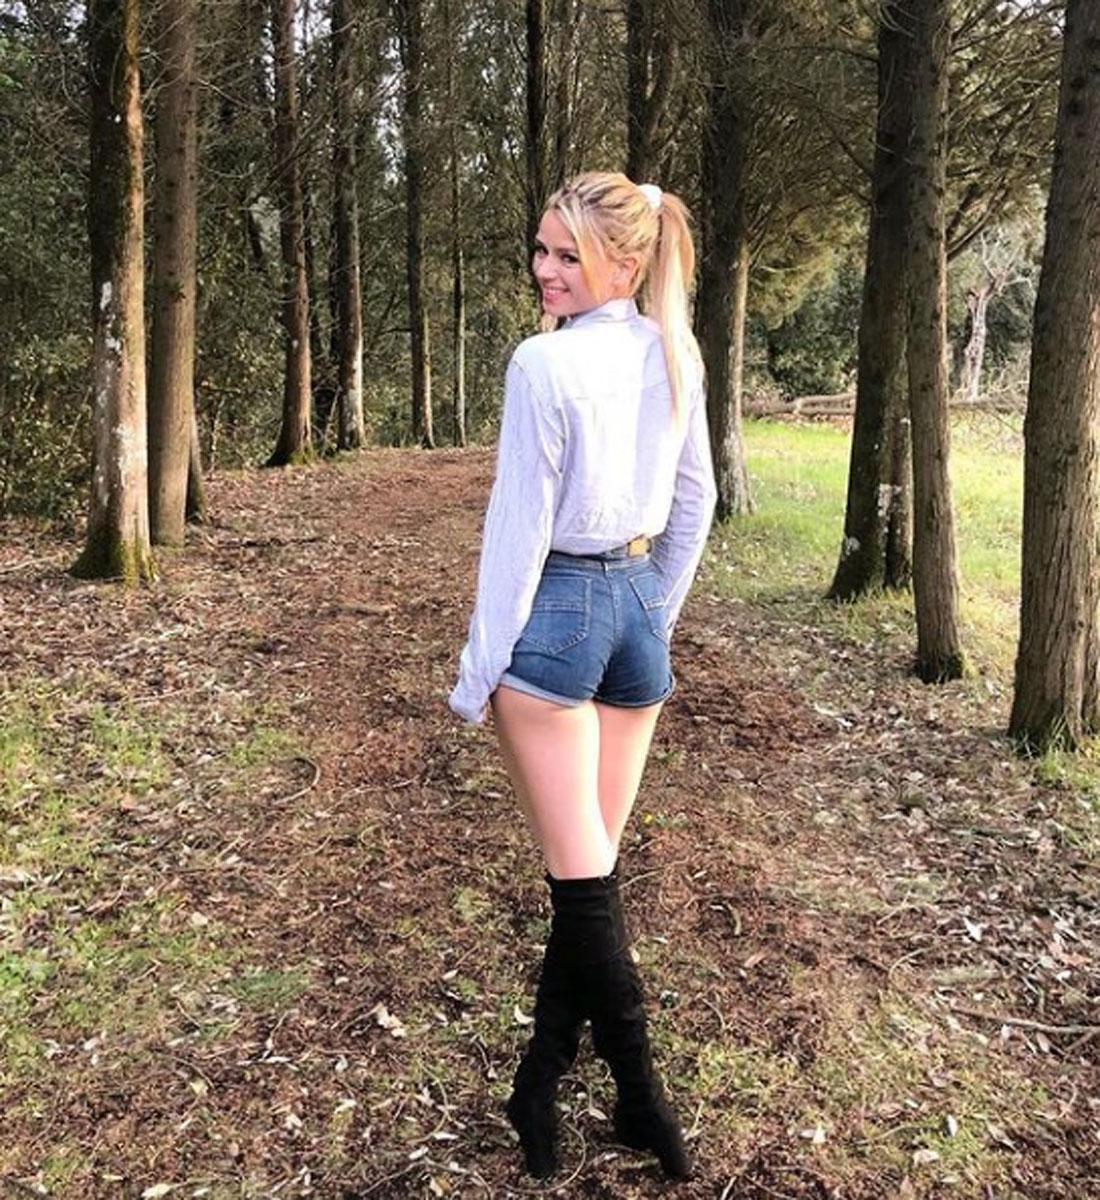 Η Camila Giorgi «έριξε» το Instagram με την τελευταία σέξι ανάρτησή της!